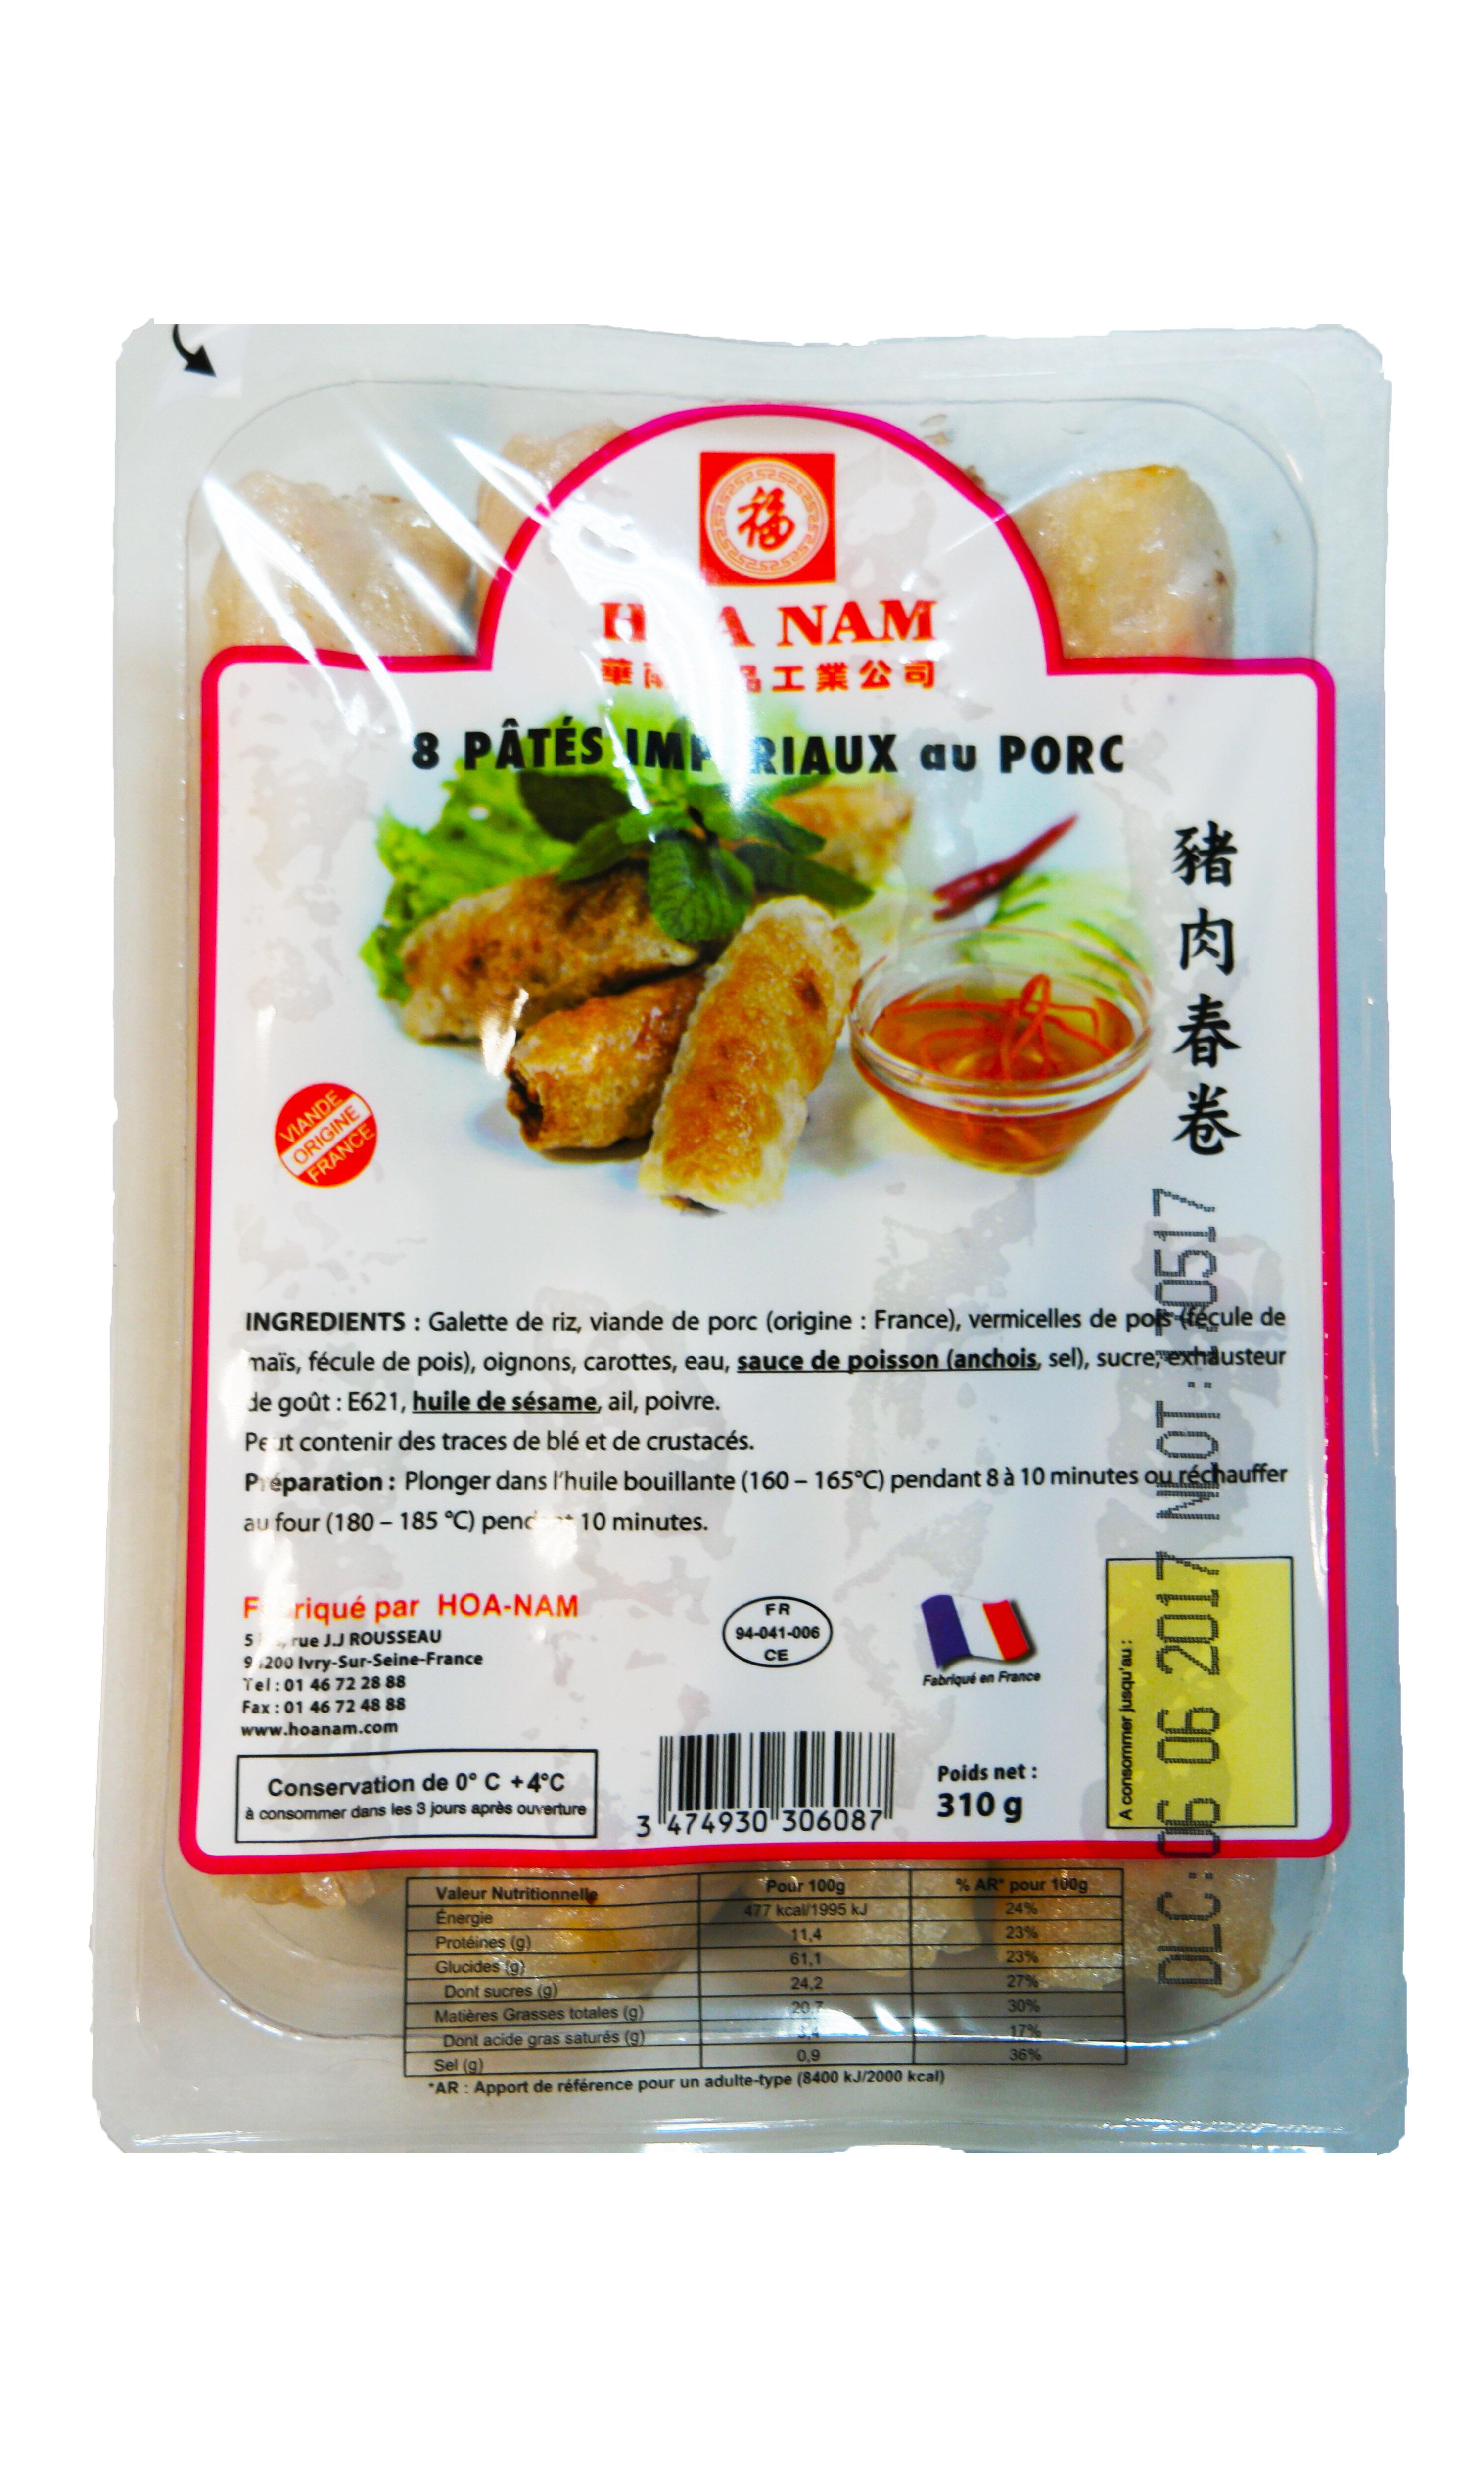 Nems (Pâtés impériaux) au porc 8 pièces, Hoanam (x 8, 310 g)